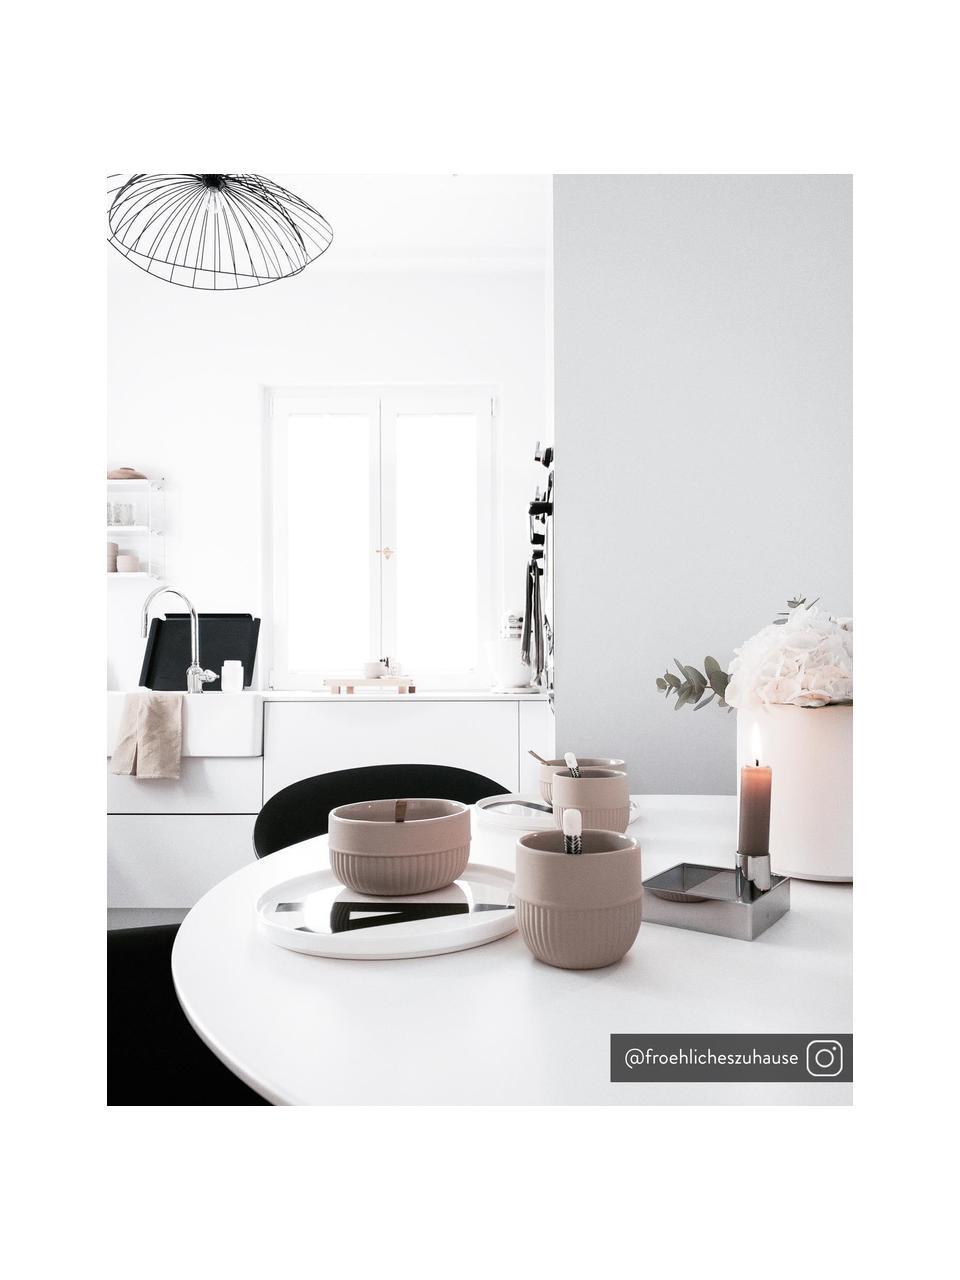 Talerz śniadaniowy Personal (warianty od A do Z), Porcelana kostna (Fine Bone China) Porcelana kostna to miękka porcelana wyróżniająca się wyjątkowym, półprzezroczystym połyskiem, Biały, czarny, Talerz A